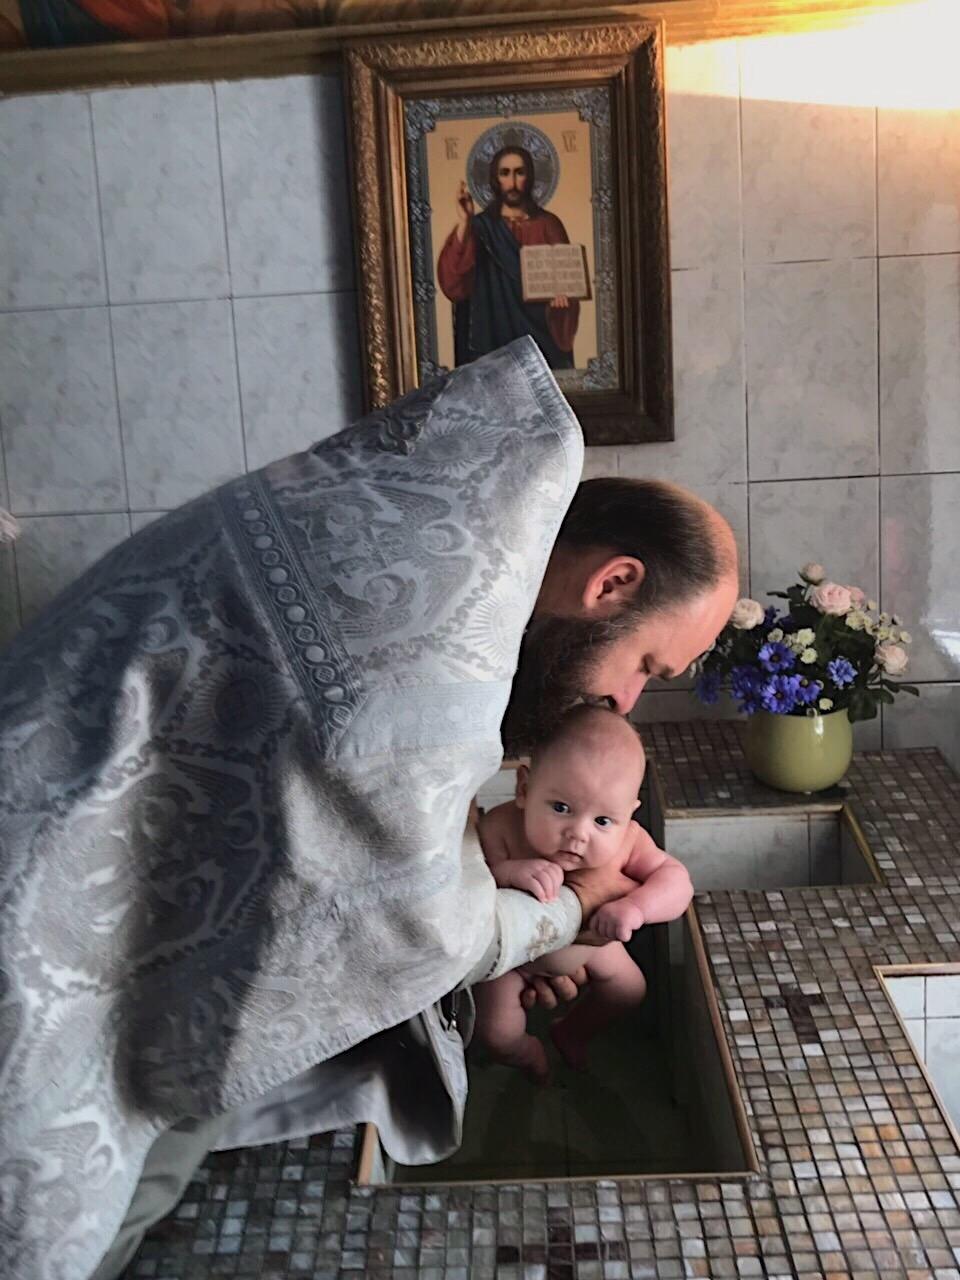 Звездные крестины: Миша Романова и Макс Барских впервые показали кадры из семейного архива (ФОТО) - фото №3